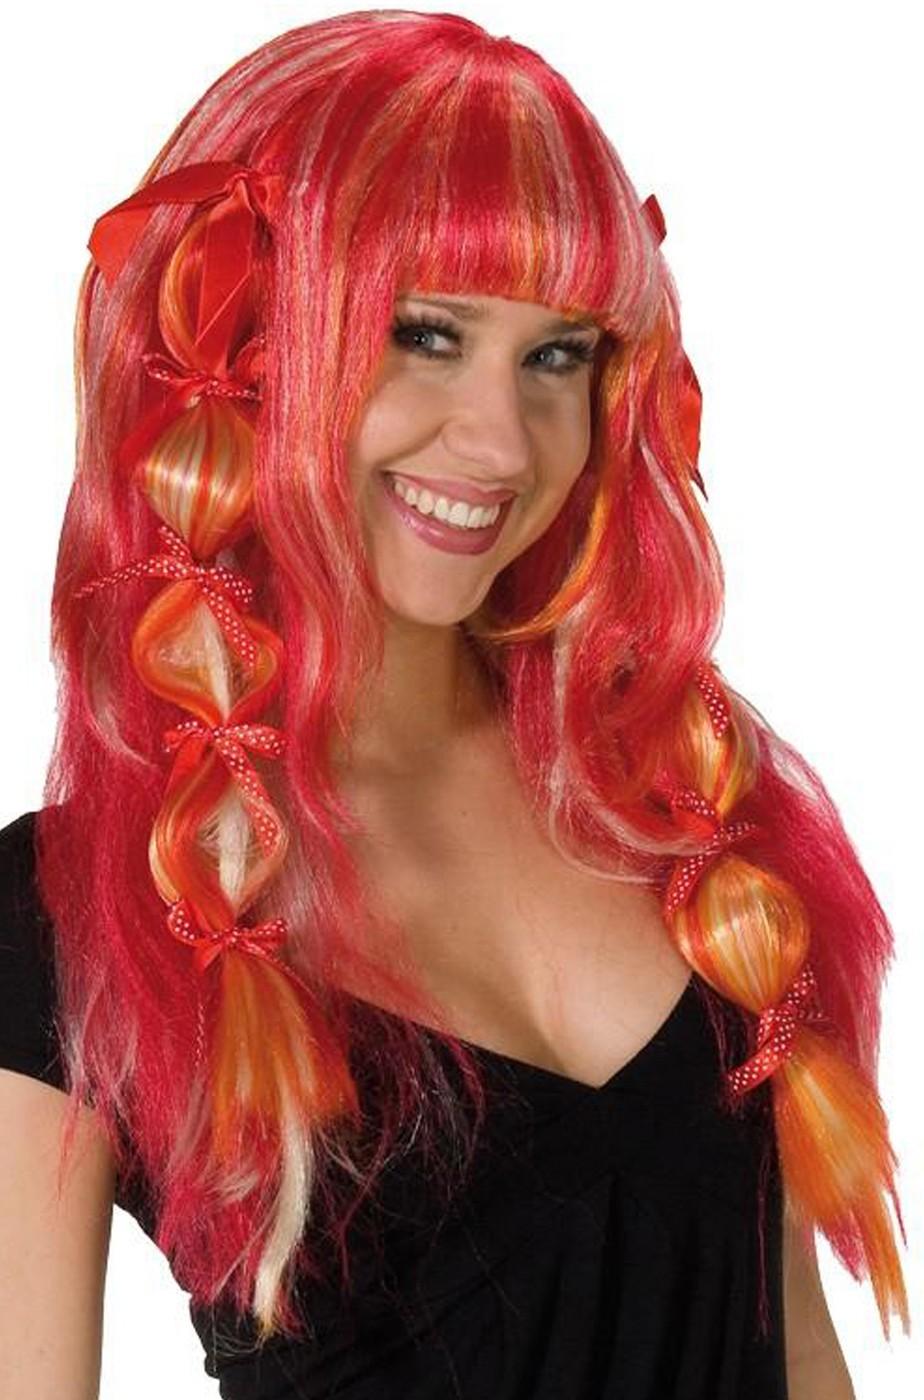 Parrucca donna lunga mossa rossa con inserti rosa e biondo cosplay manga anime